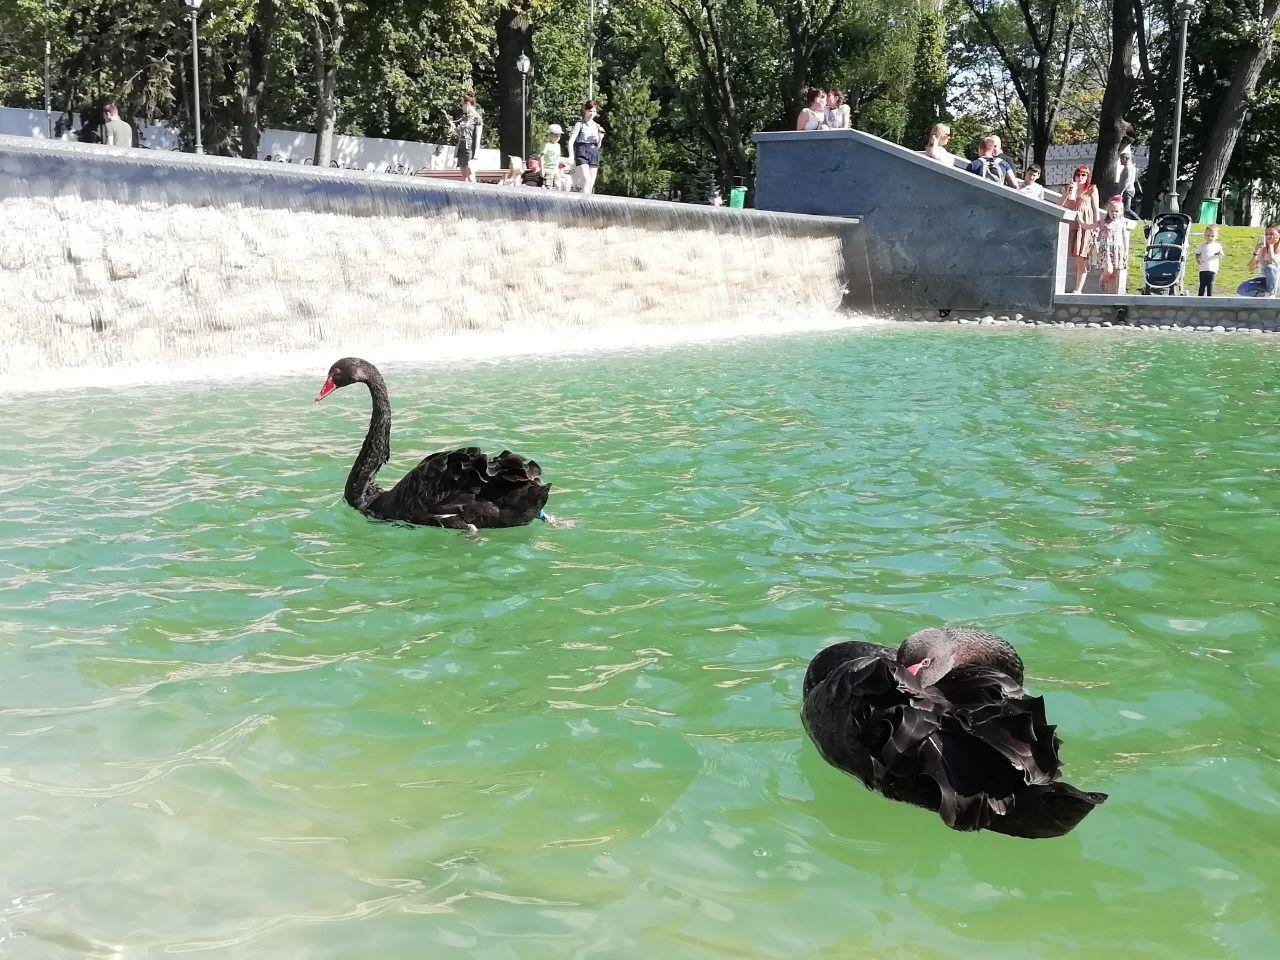 Сколько денег потратили на реконструкцию «Каскада» и озеро в саду Шевченко, - ФОТО, фото-9